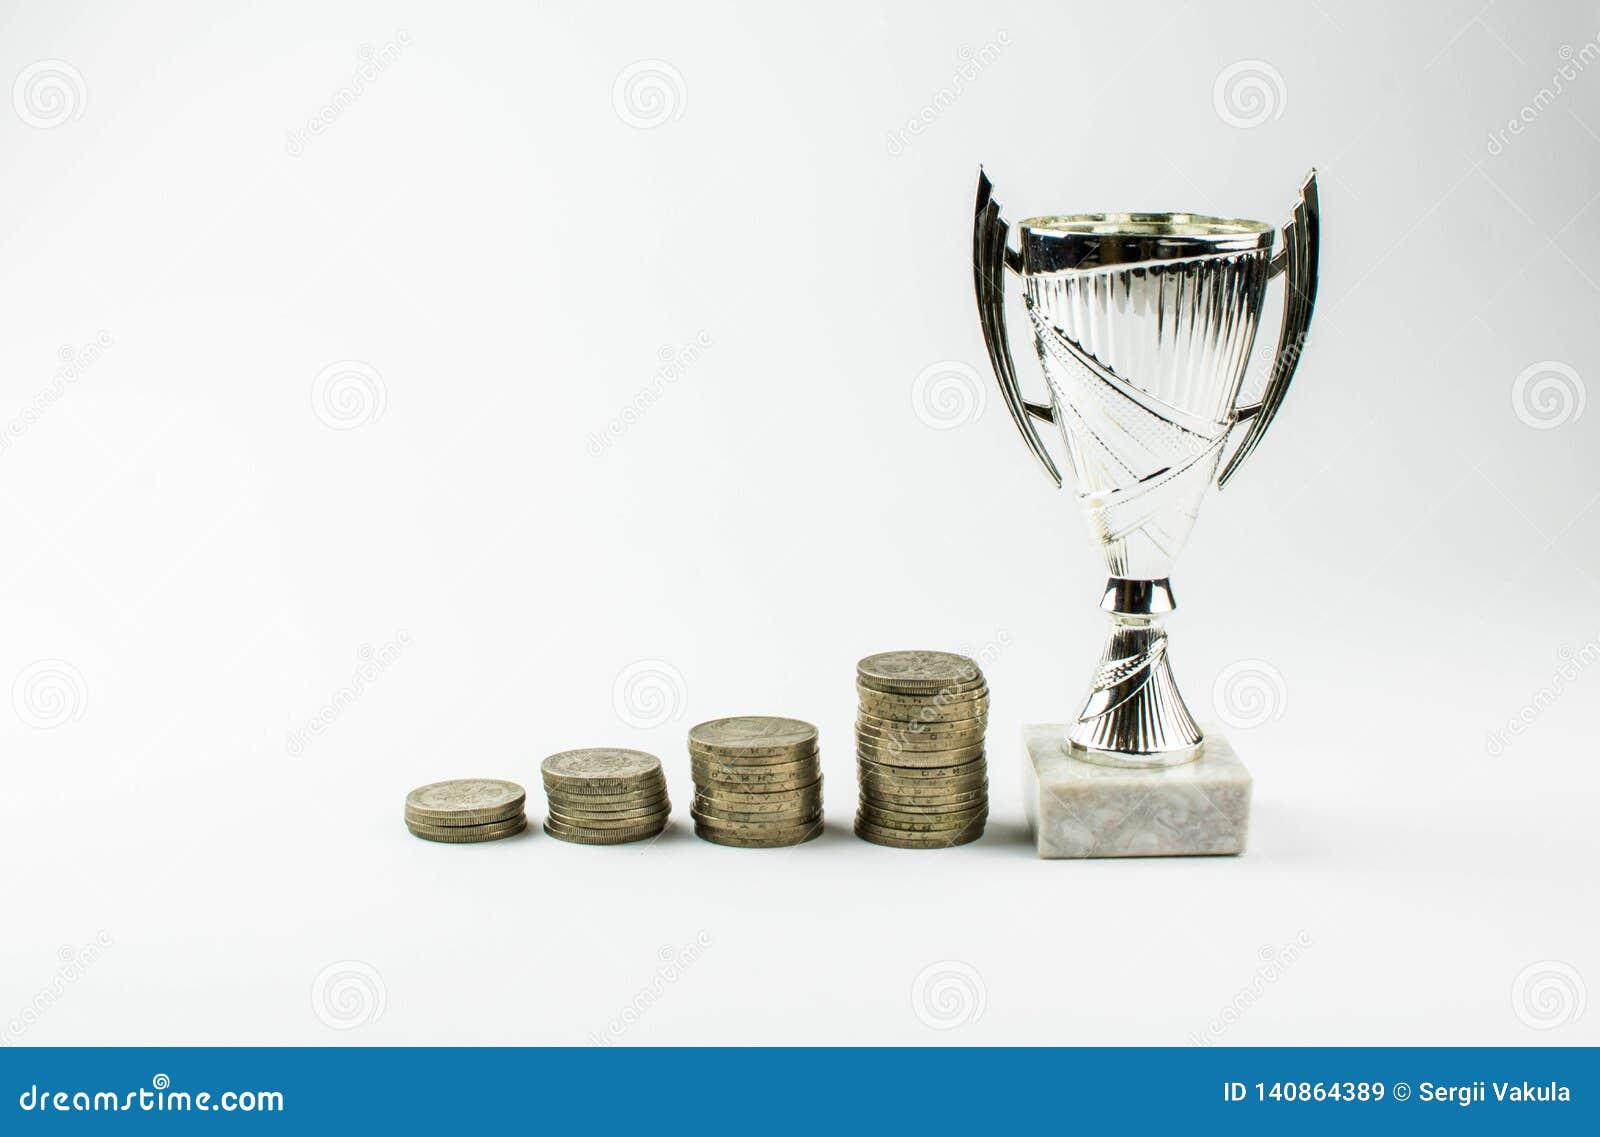 Das Wachstum von Münzen führt zu Sieg Das Konzept der Finanzinvestition in einem Geschäft kopieren Sie Platz für Ihren Text